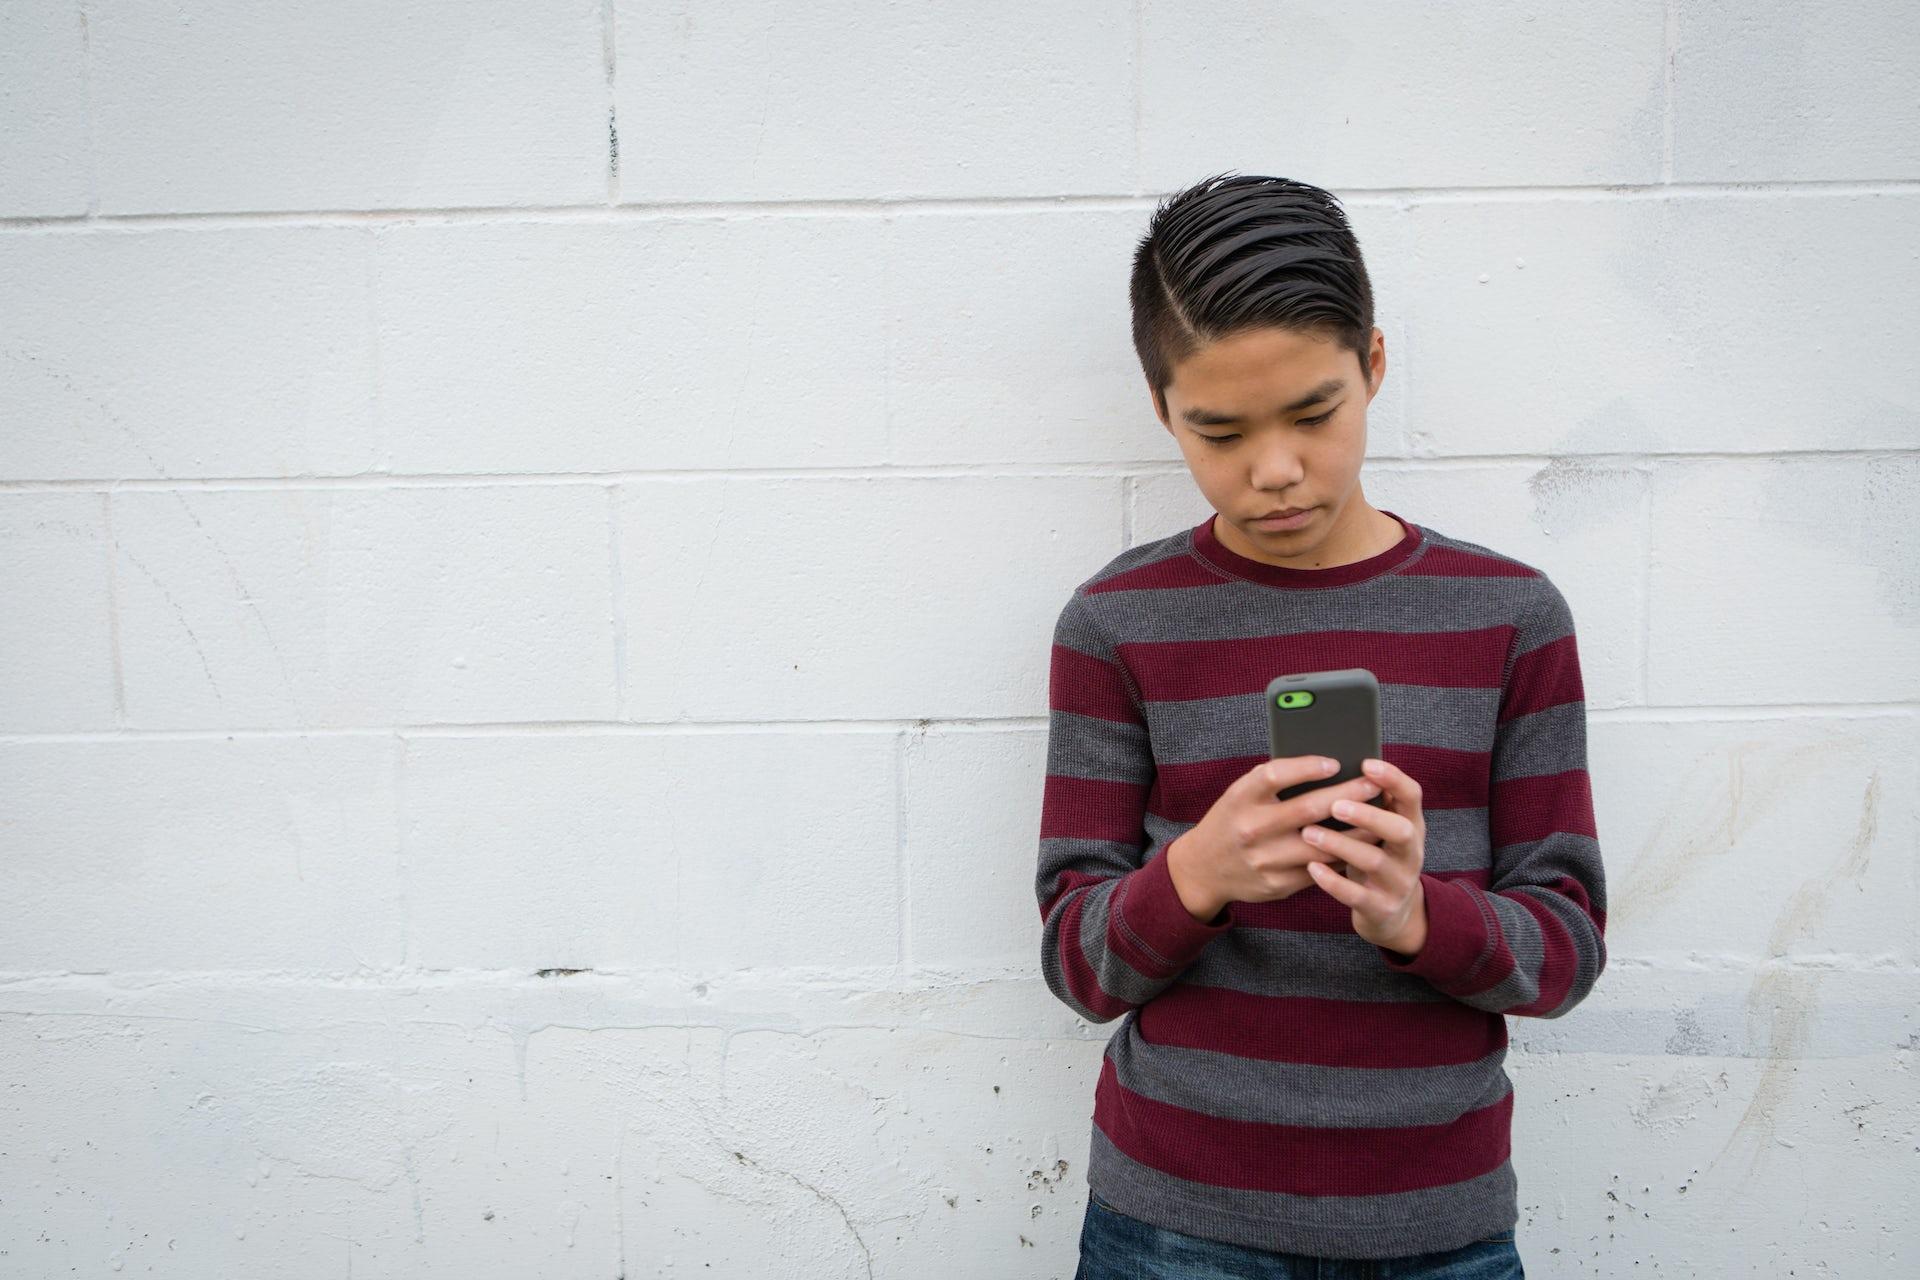 enseñar-a-los-hijos-como-comportarse-online